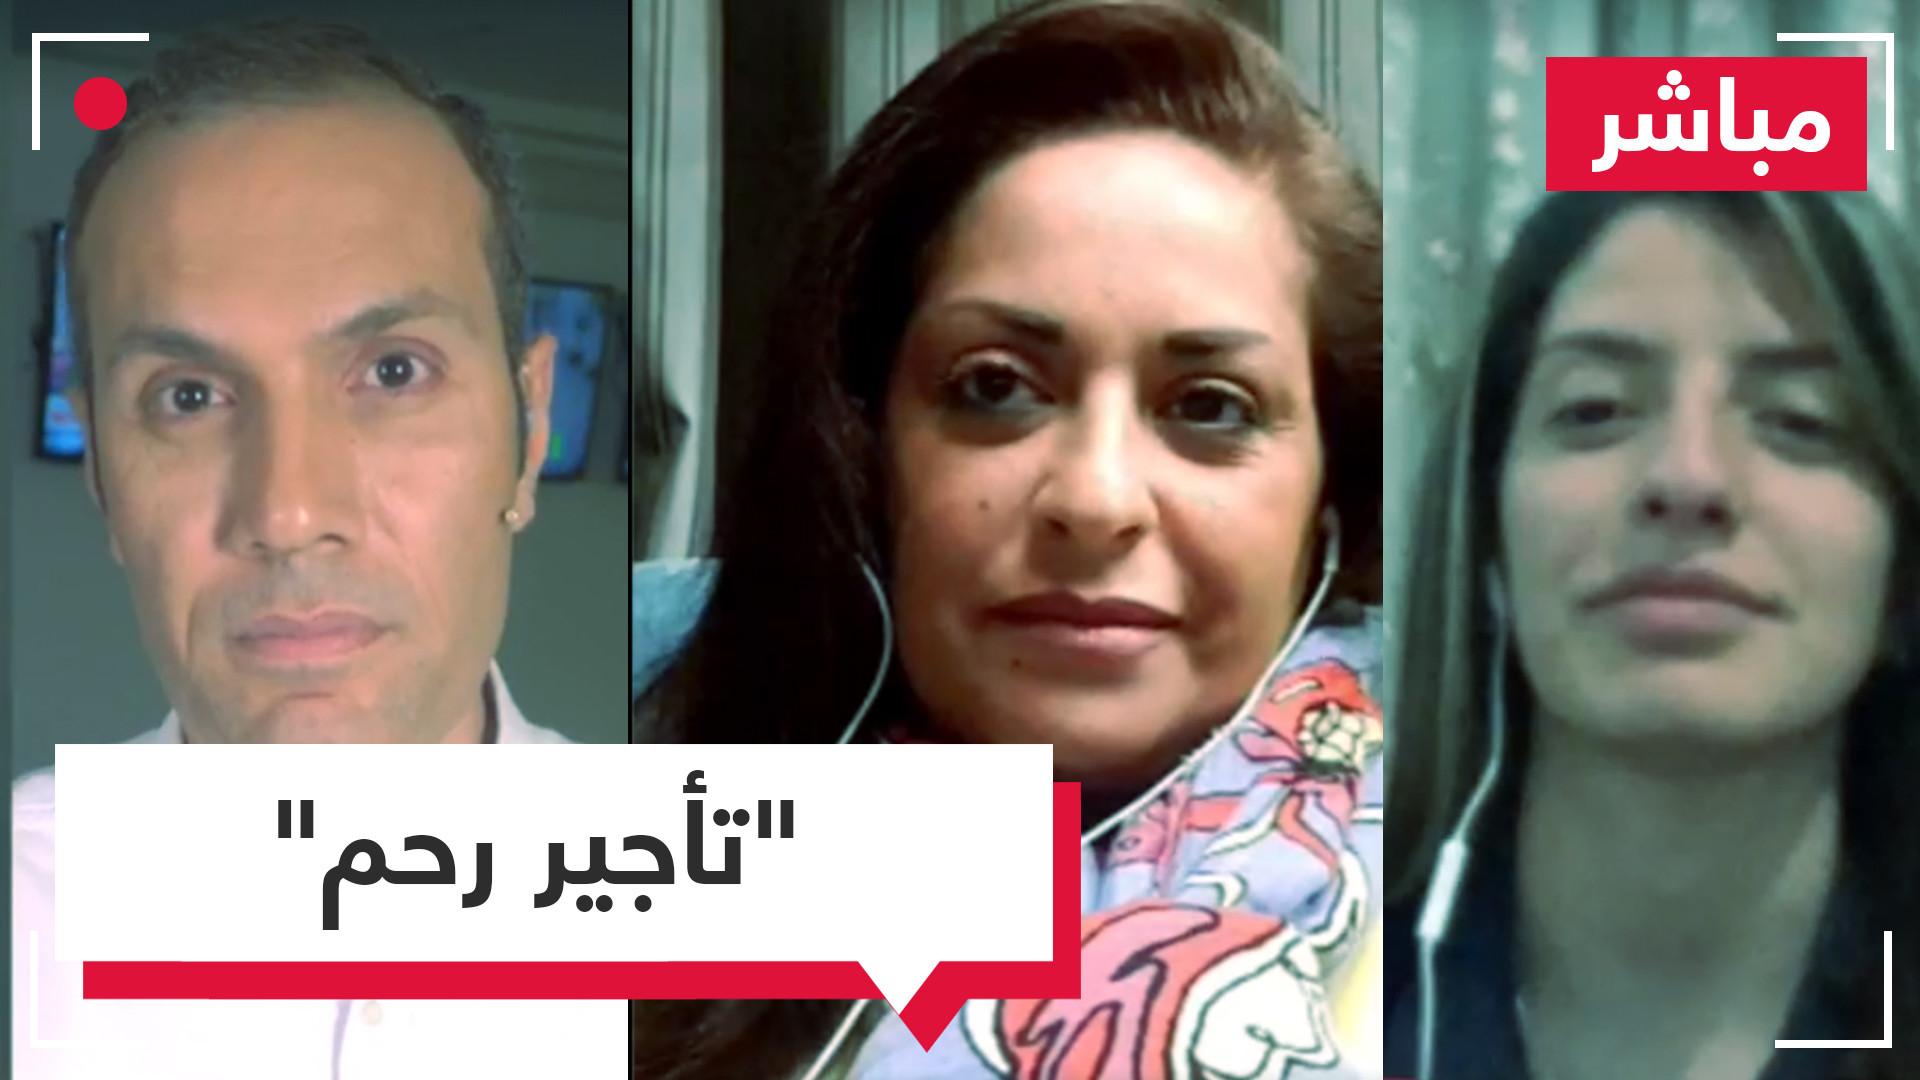 """دكتورة سعودية شهيرة: نحط بويضتي عند امرأة وهي اللي تحمل وتاخد فلوس فكرت في """"تأجير رحم"""" فأثارت الجدل"""